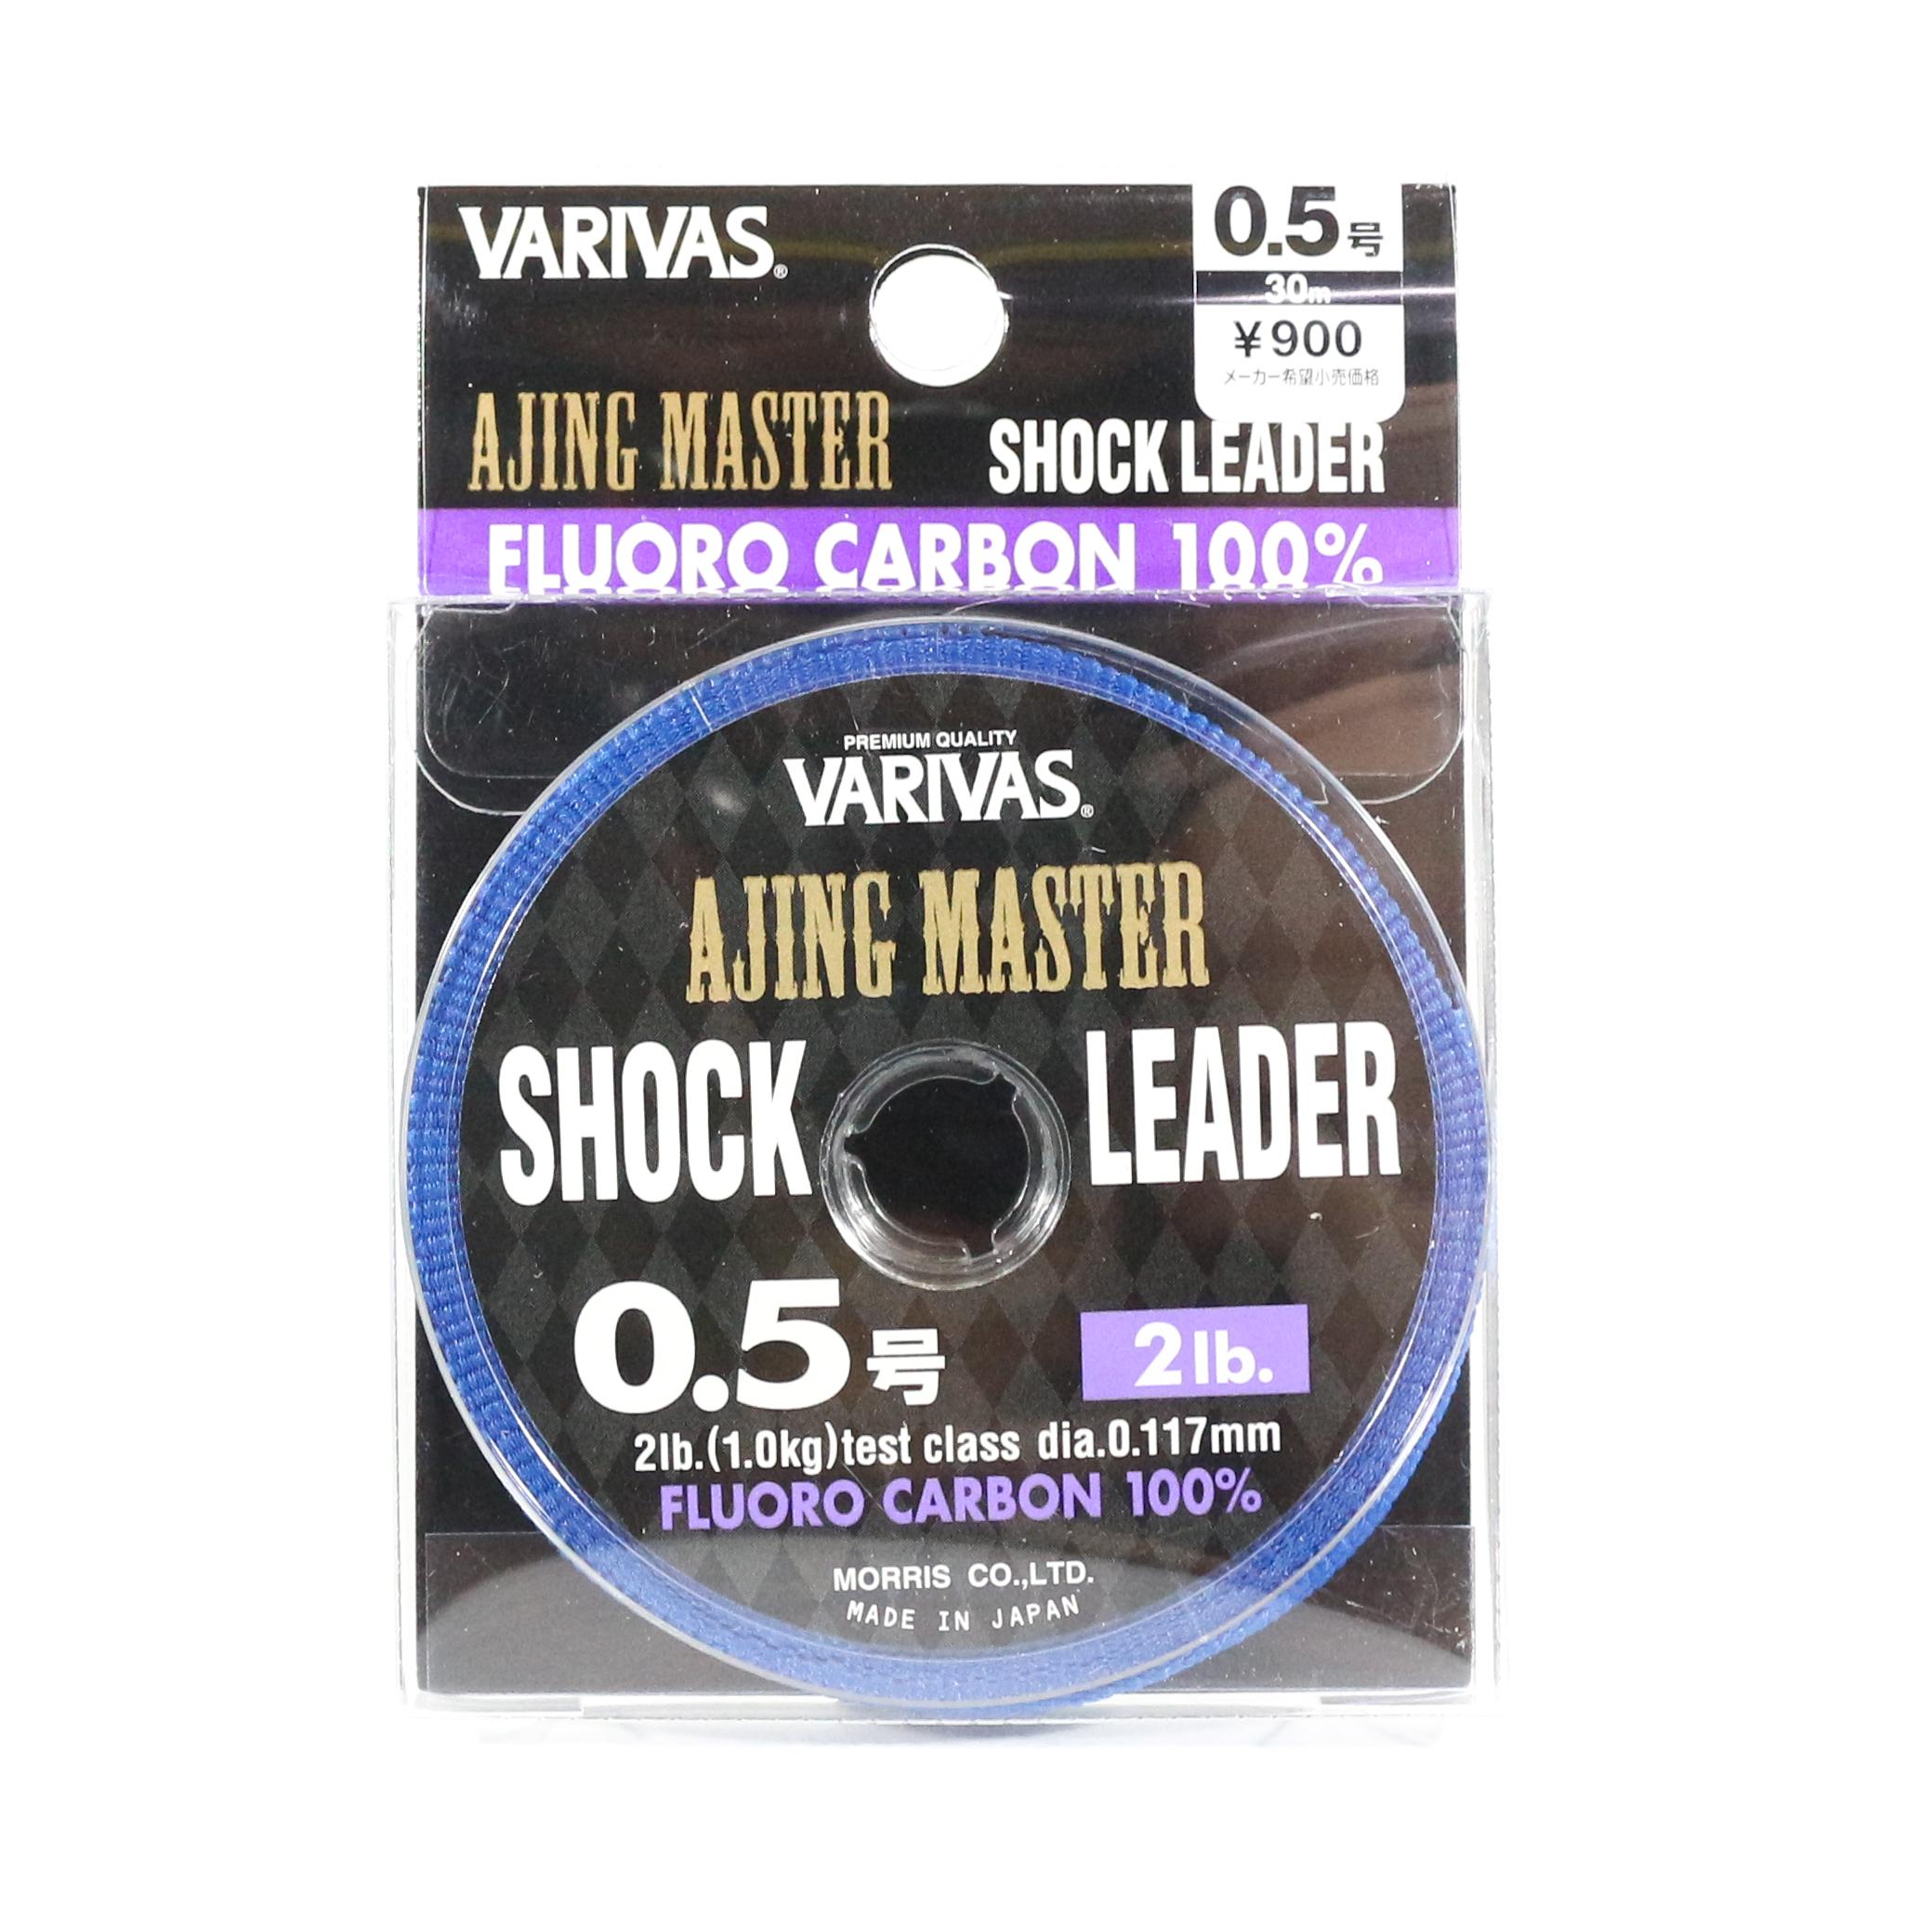 Varivas Fluorocarbon Ajing Master Shock Leader Line 30m 0.5, 2lb (8583)